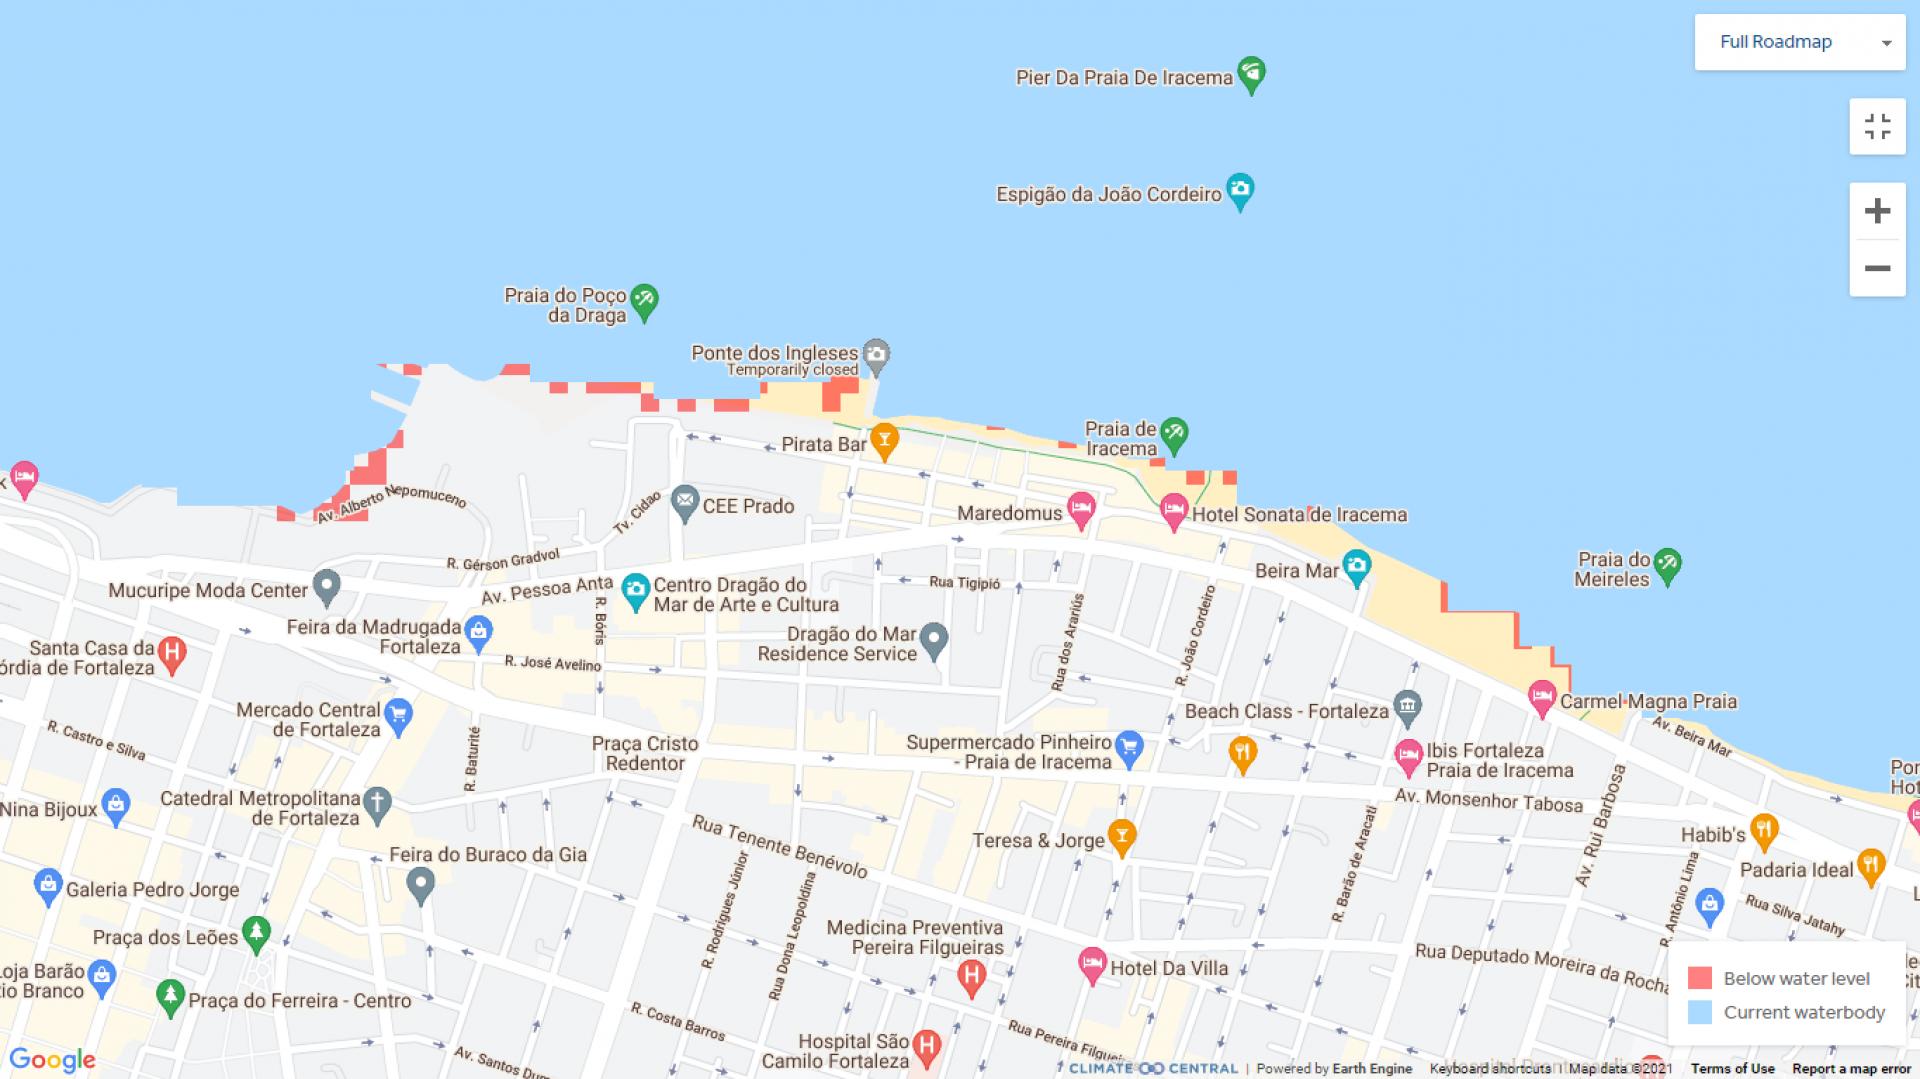 (Foto: Reprodução/Climate Central)Detalhe do avanço no bairro Beira Mar e adjacências, em Fortaleza.